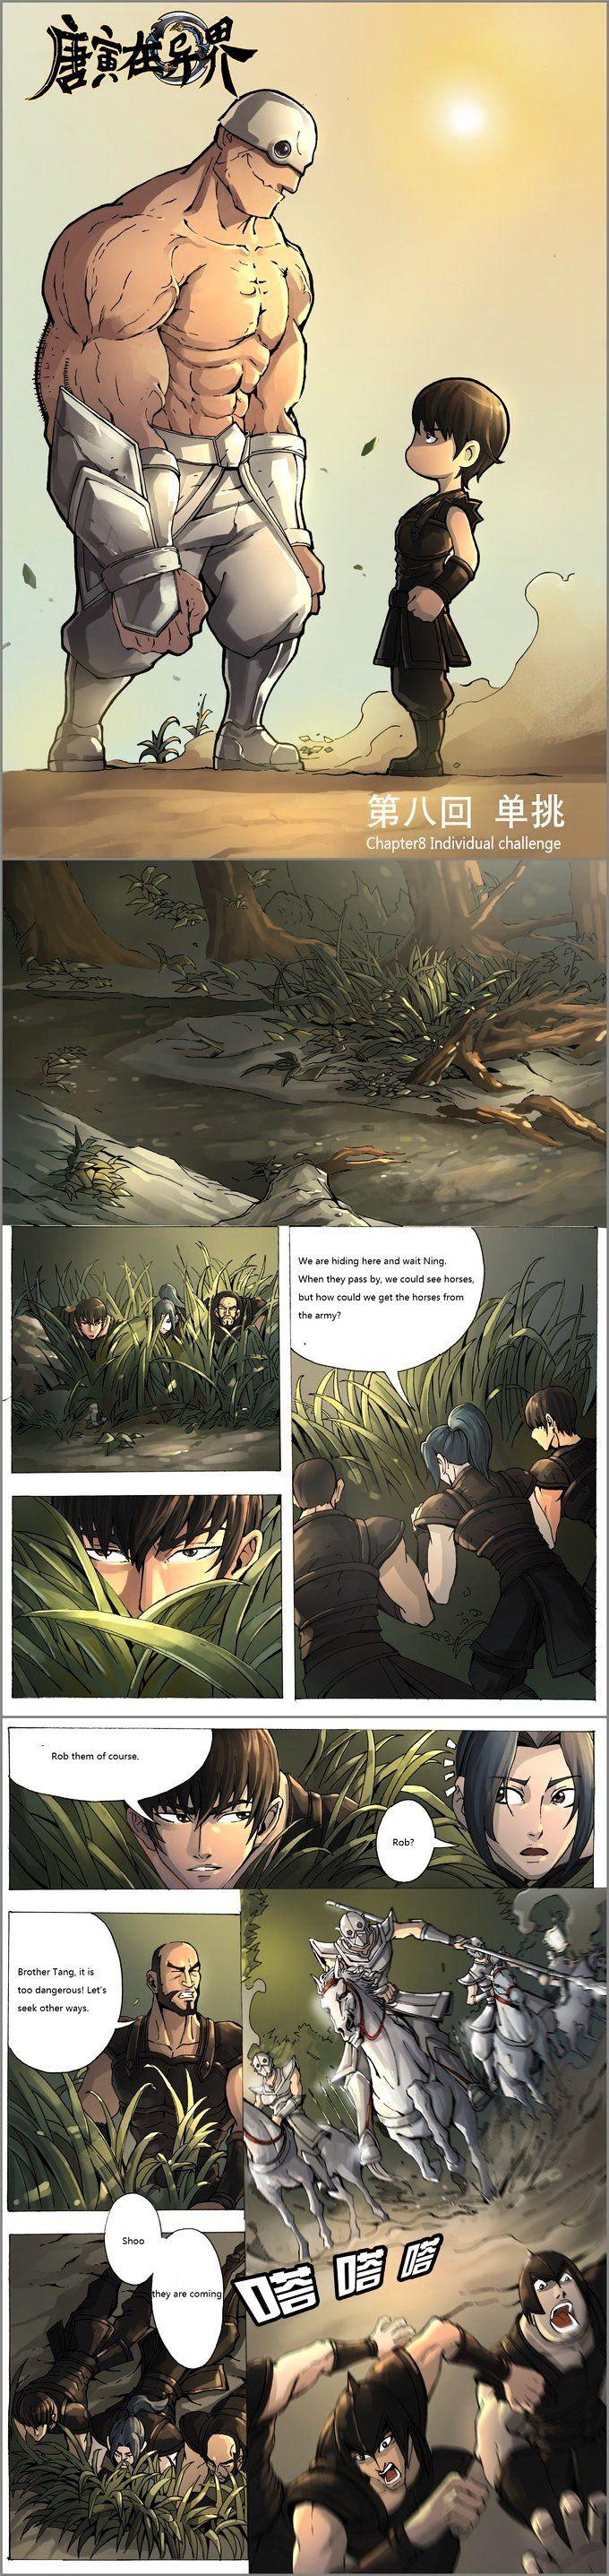 https://im.nineanime.com/comics/pic9/4/19716/367360/68a2d3d7b5423bc30cd12d789b6b24d2.jpg Page 1